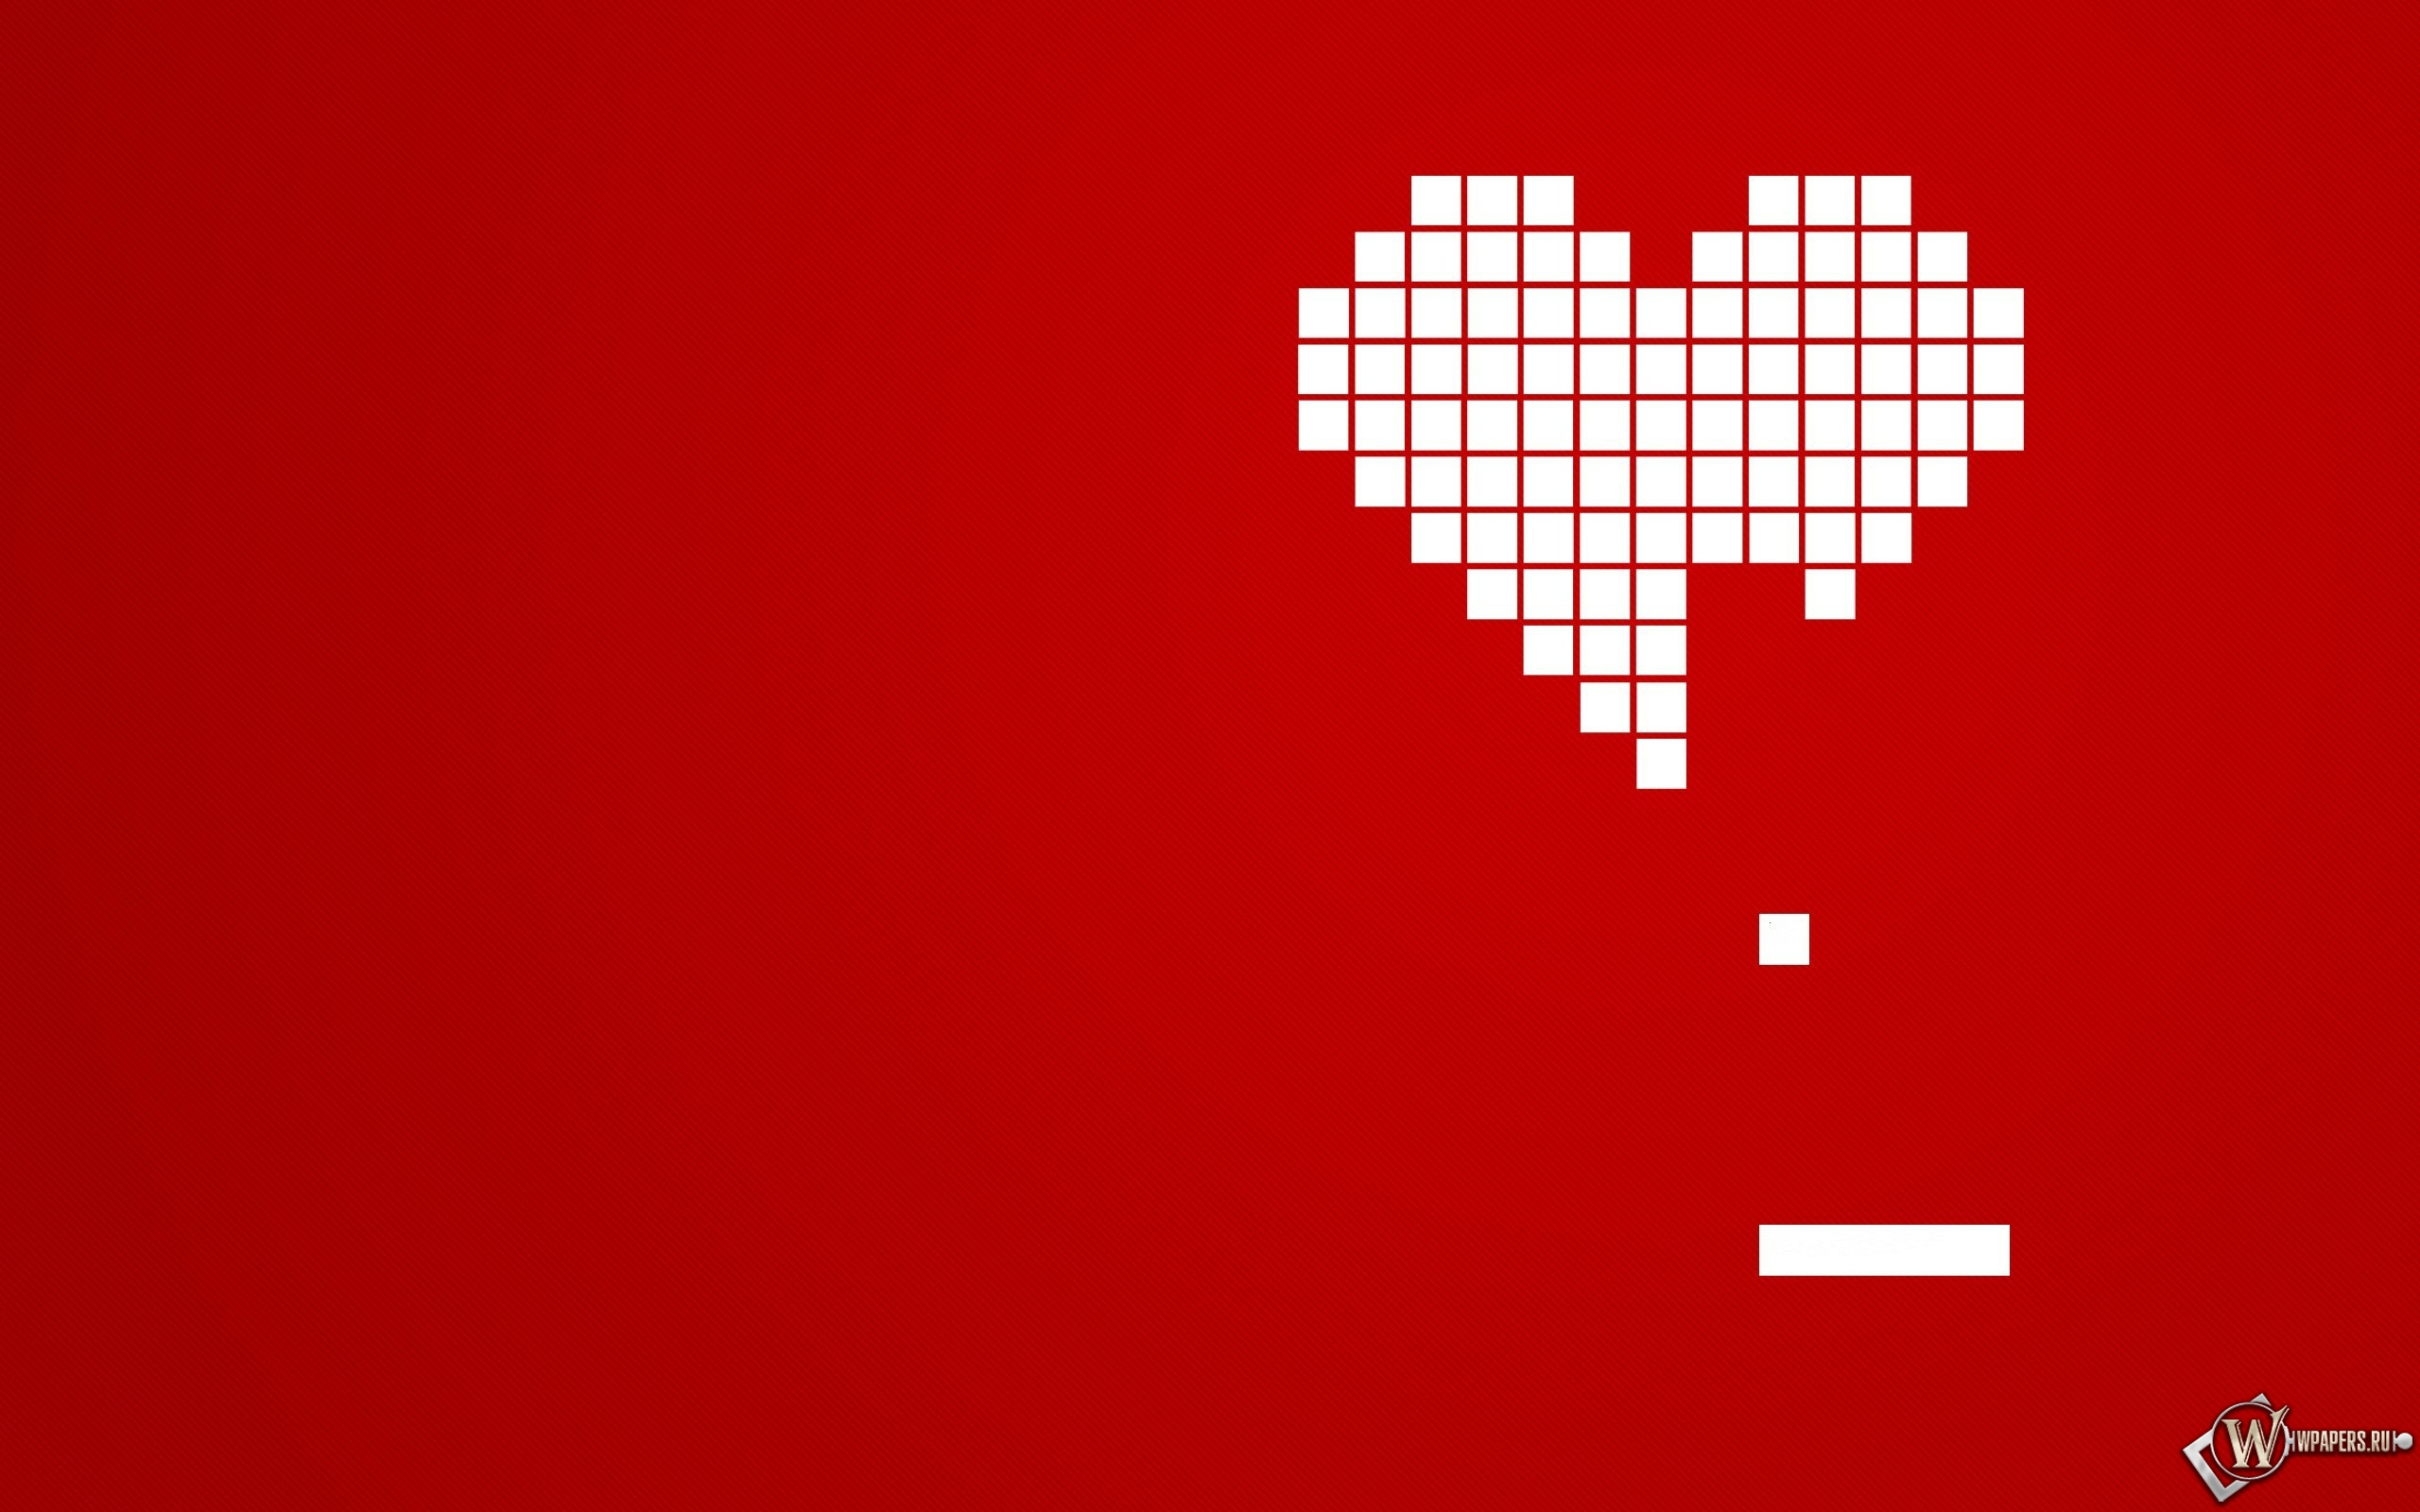 Сердце из кубиков 2560x1600